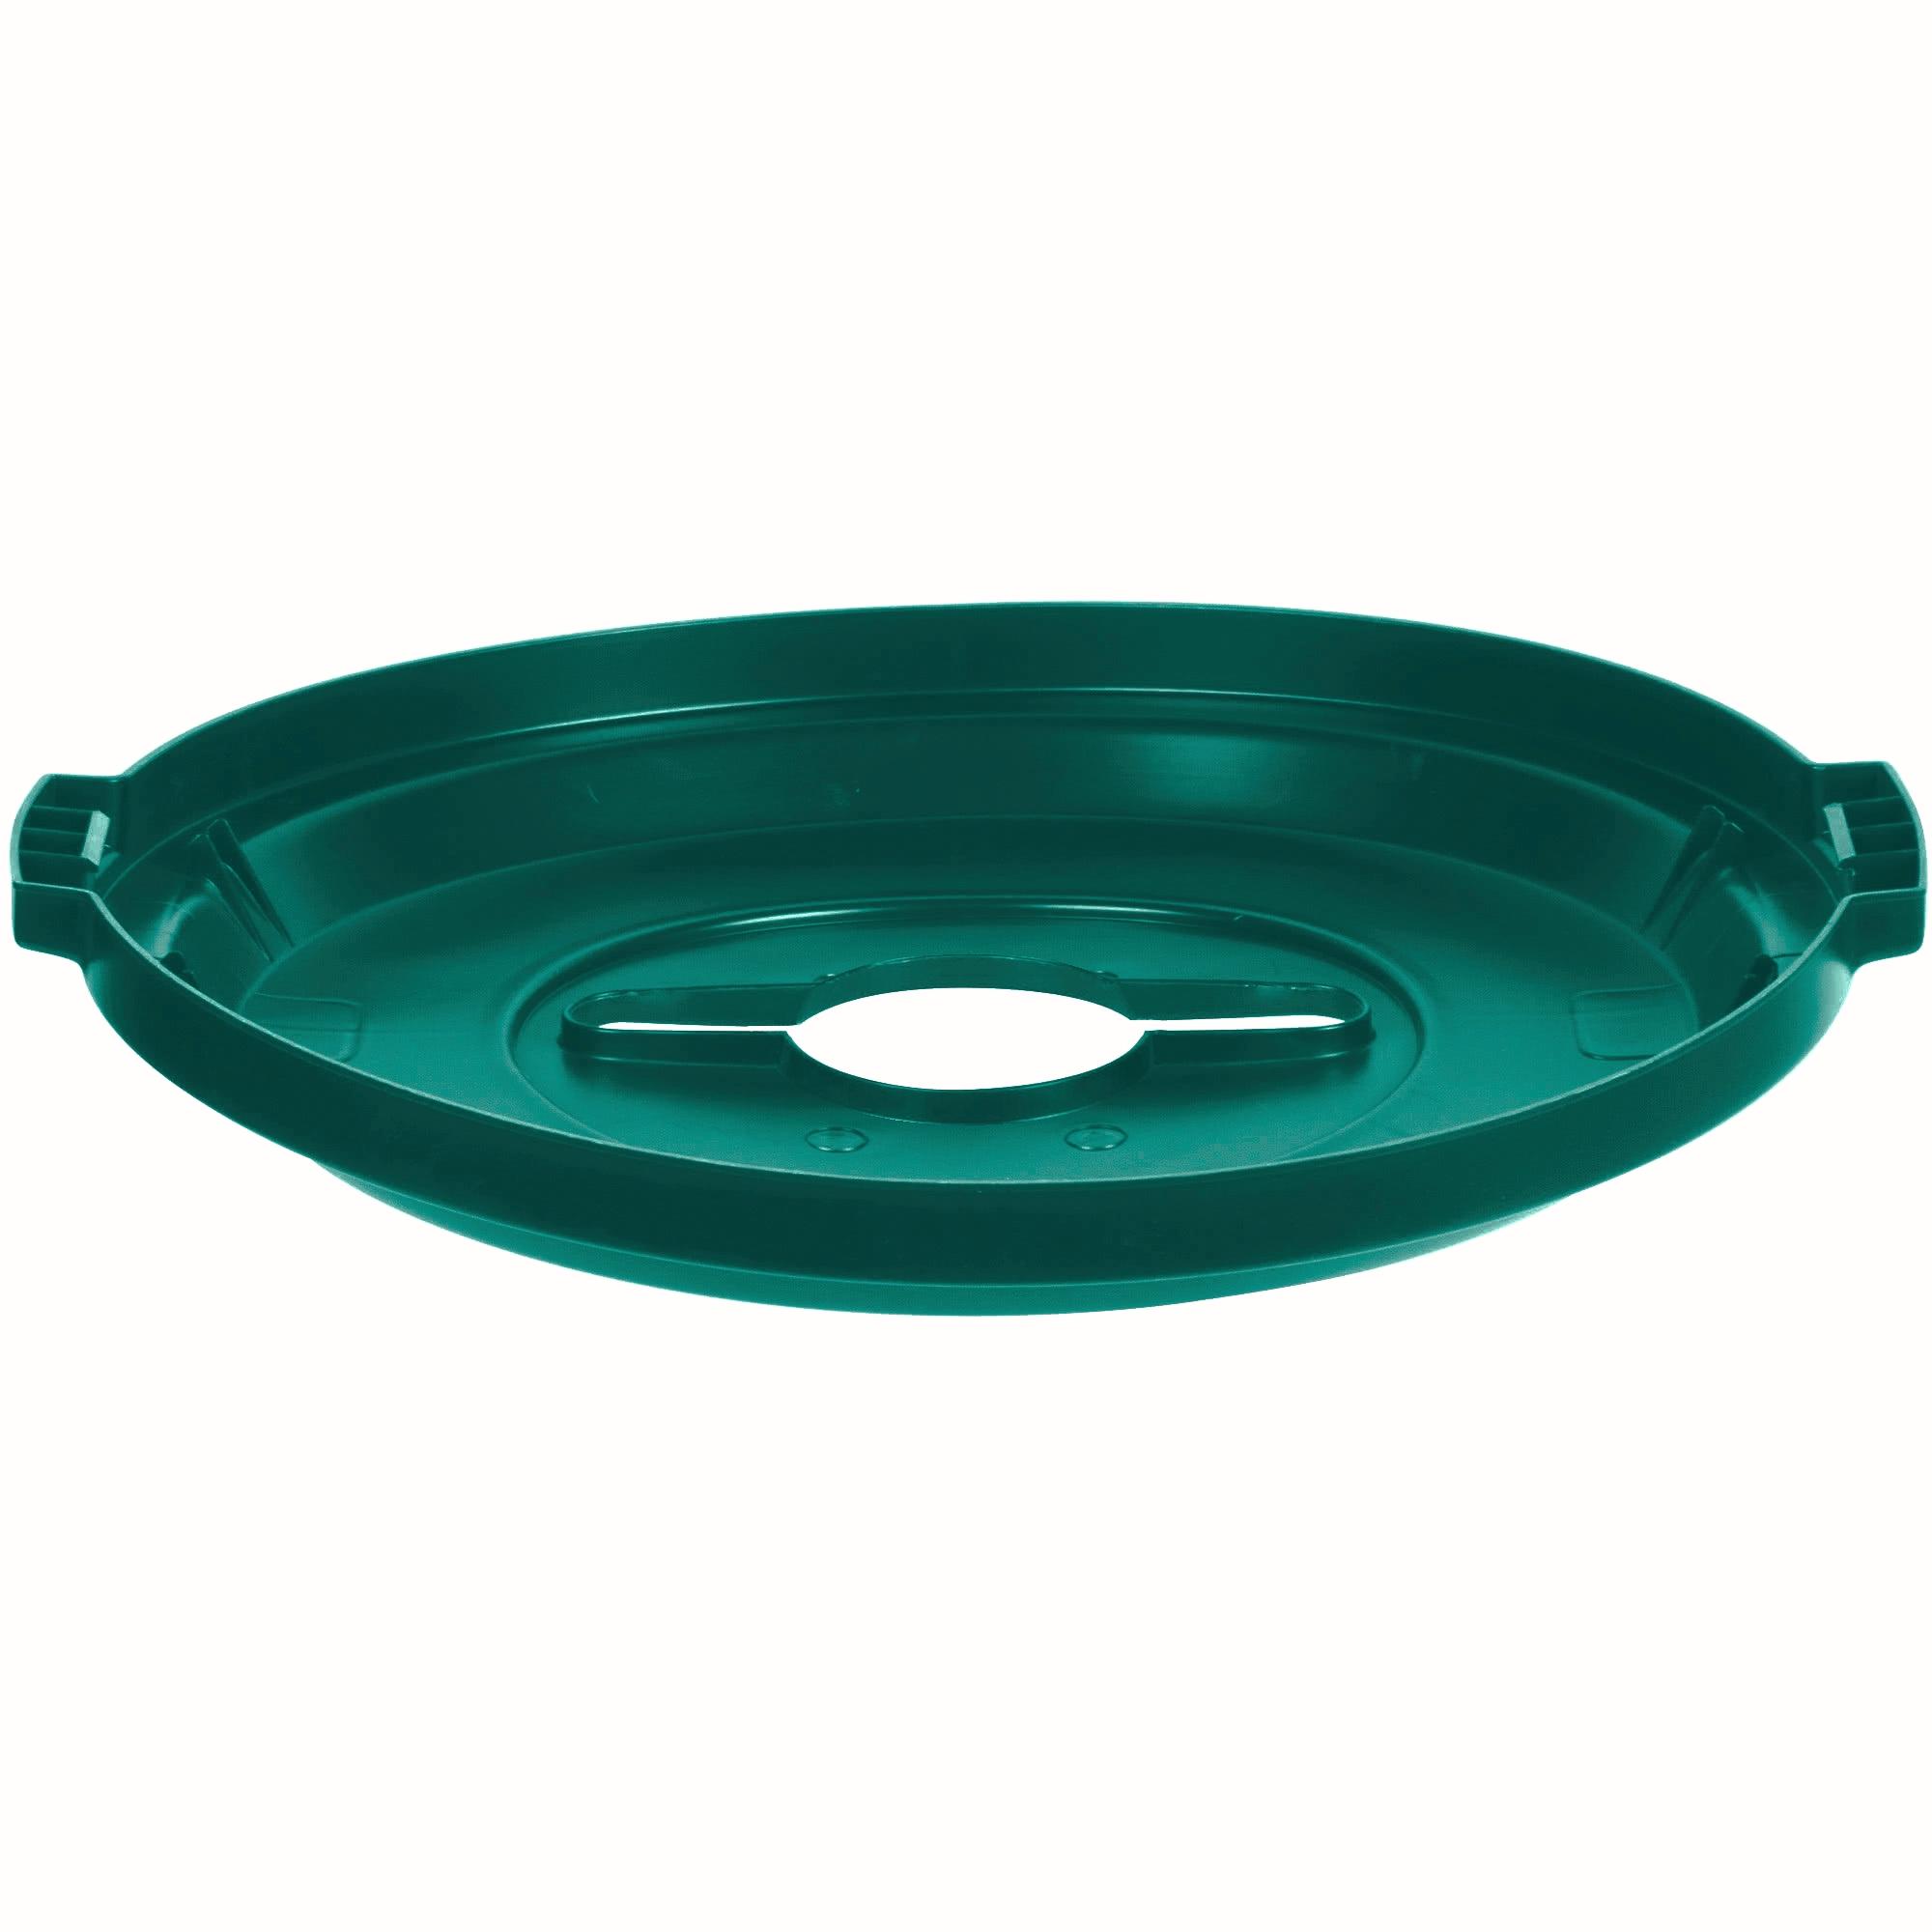 Rubbermaid 1788471 tapa Brute color verde para reciclaje mixto, aplica contenedor Brute de 32 galones 2